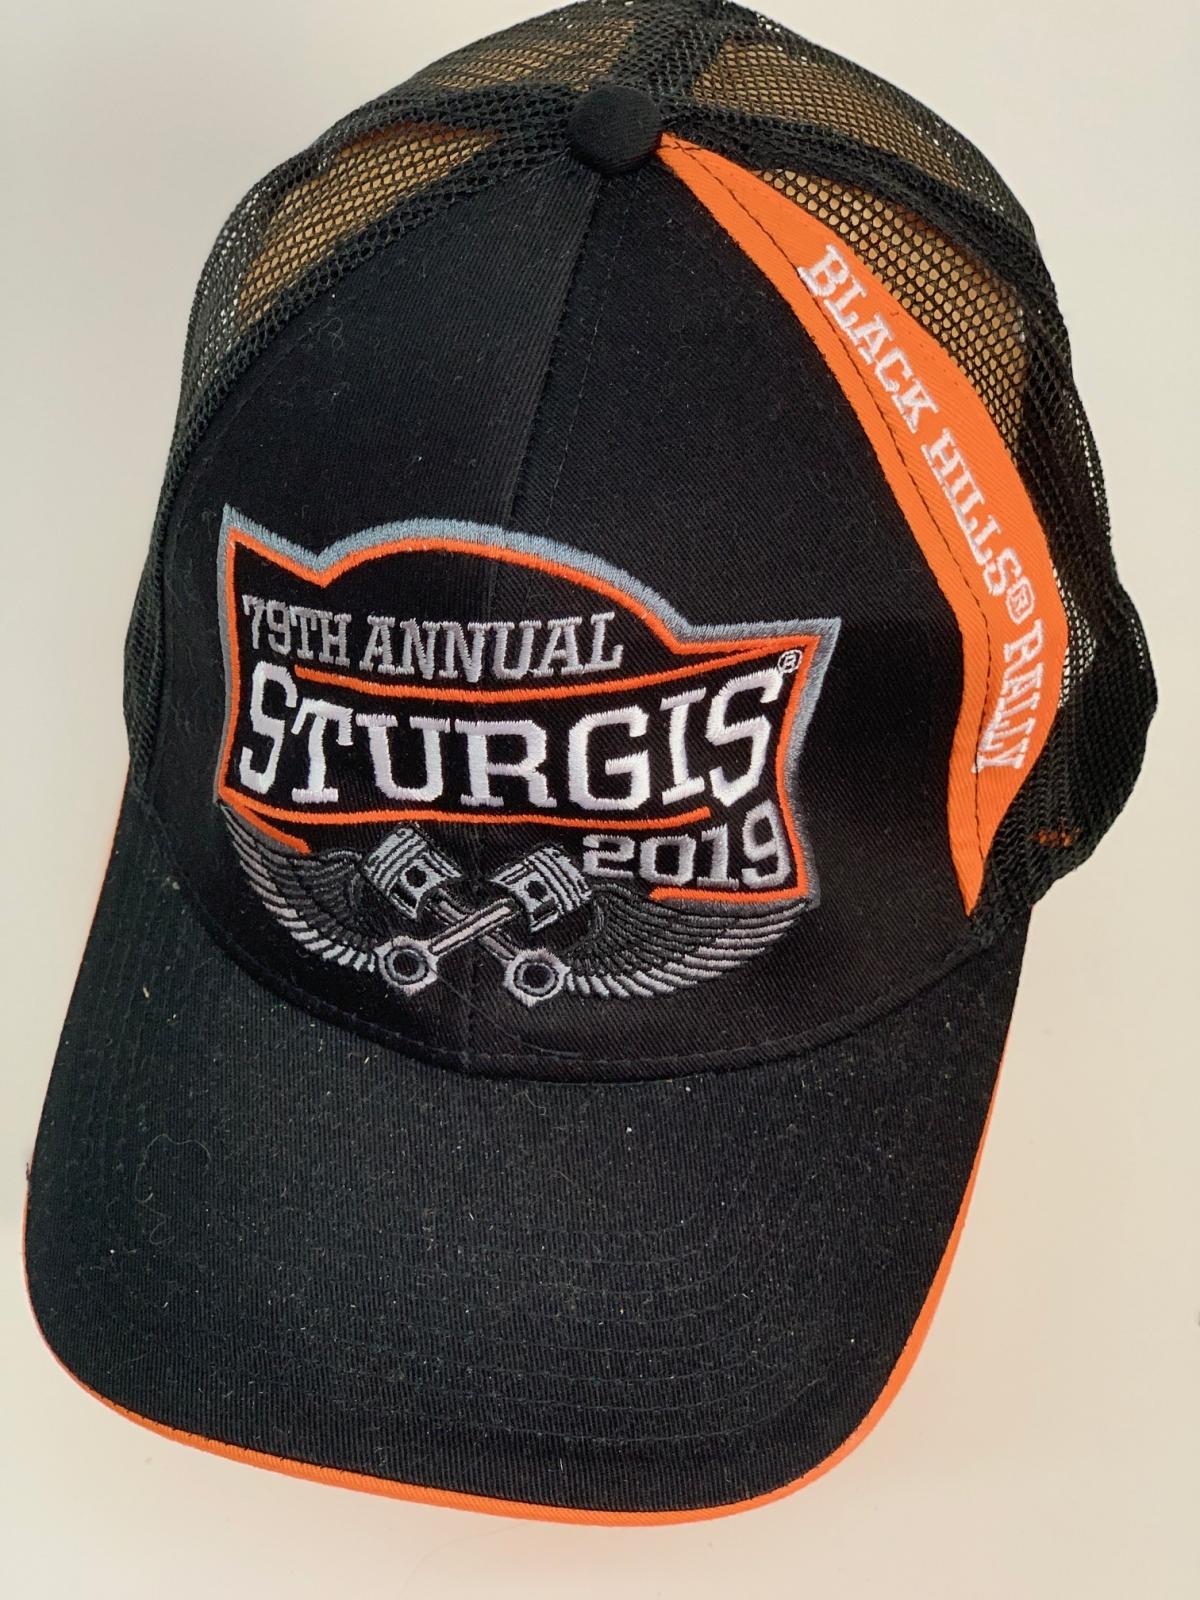 Байкерская бейсболка Sturgis с сеткой черного цвета